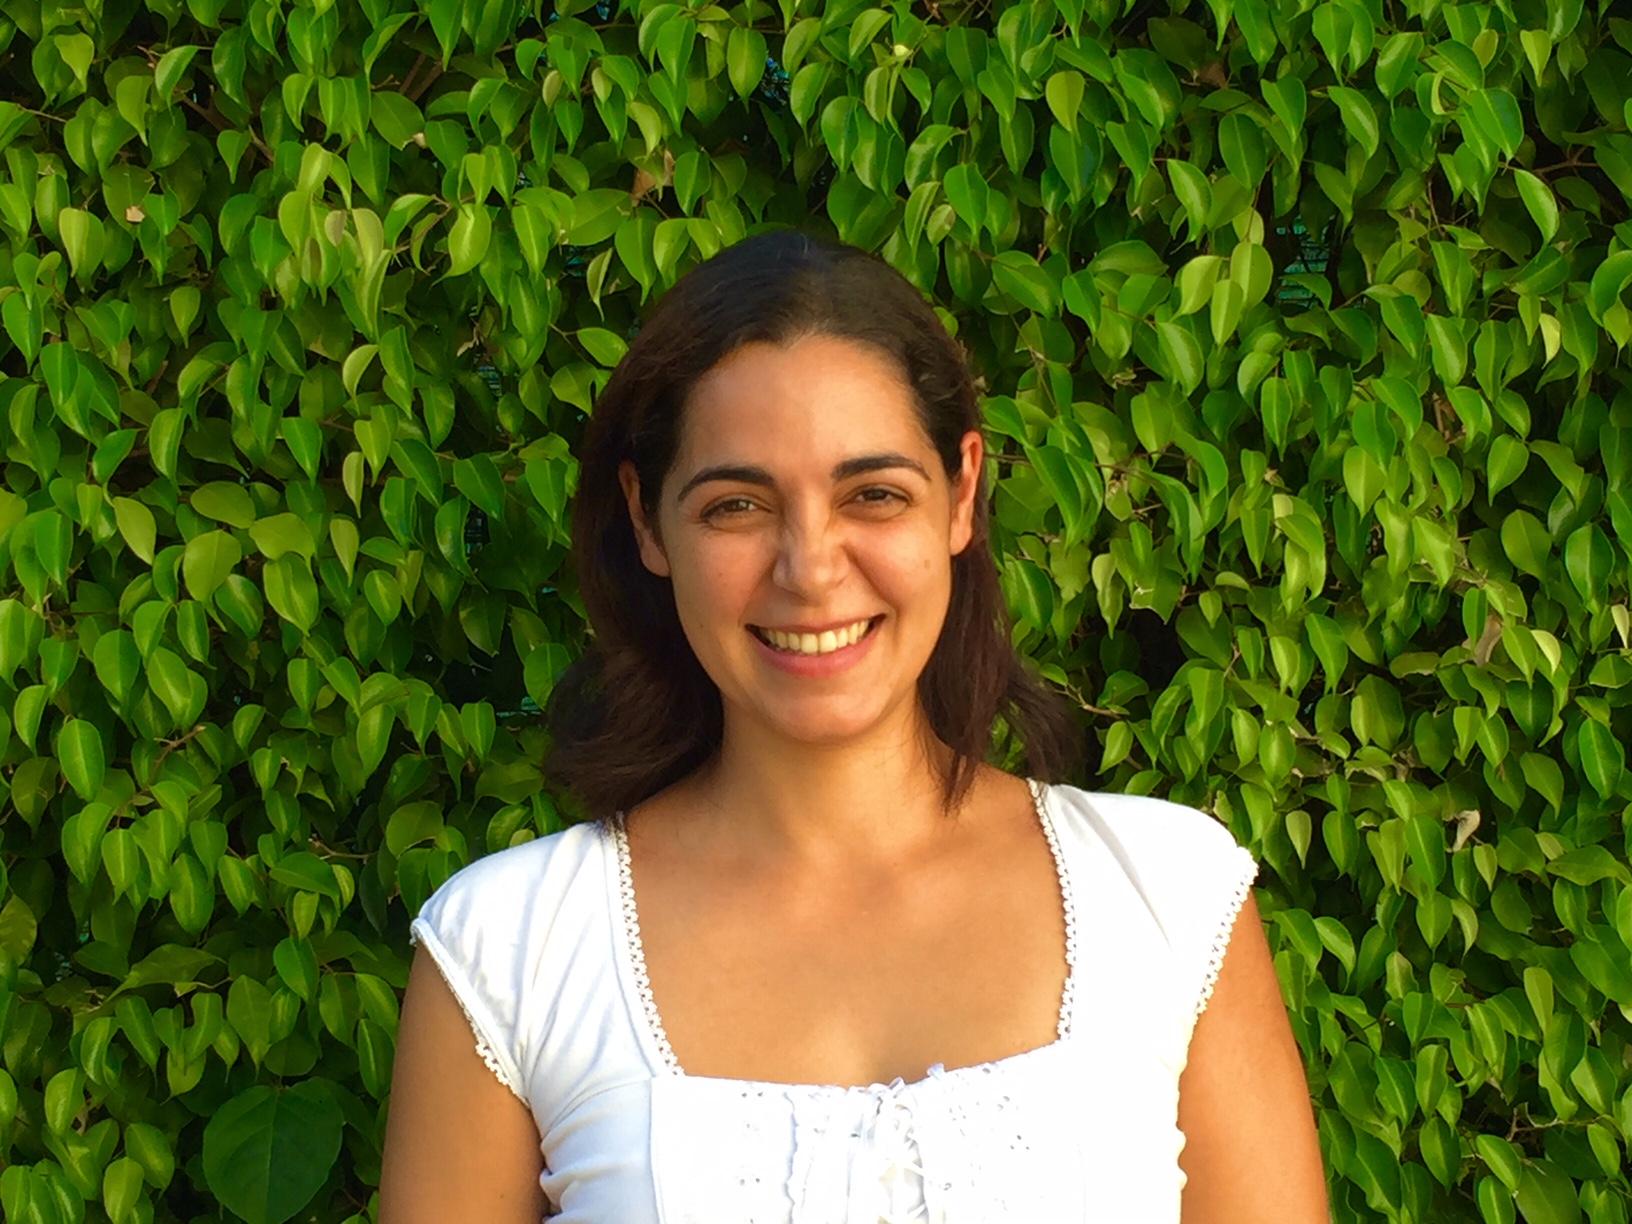 Susana Saraiva